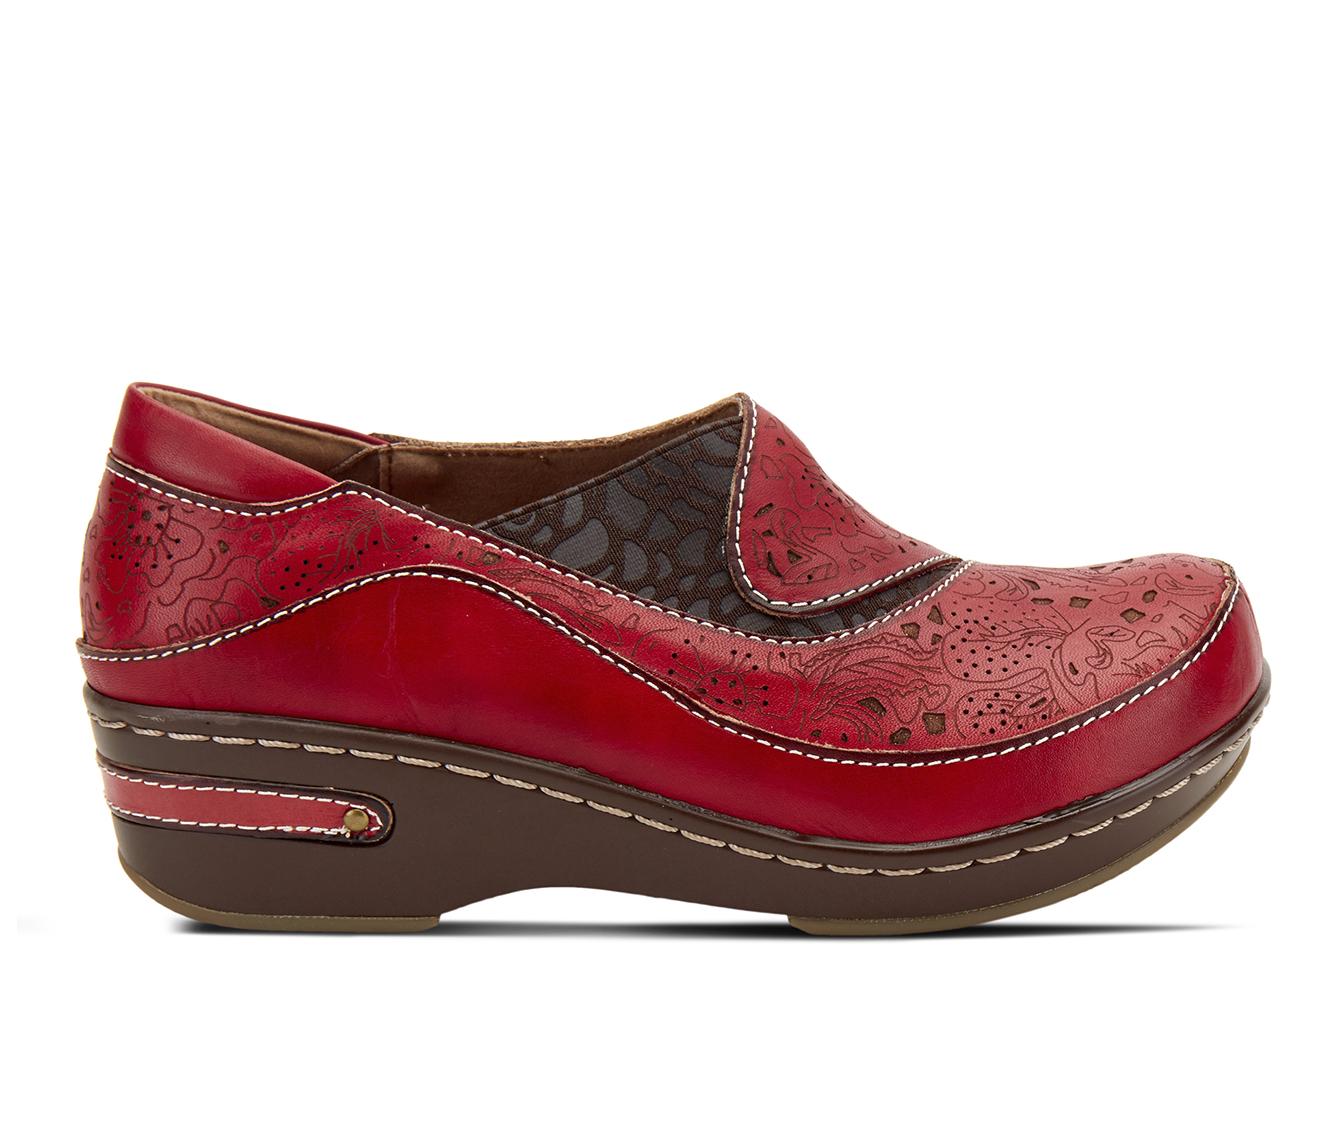 L'Artiste Brankla Women's Shoe (Red Leather)